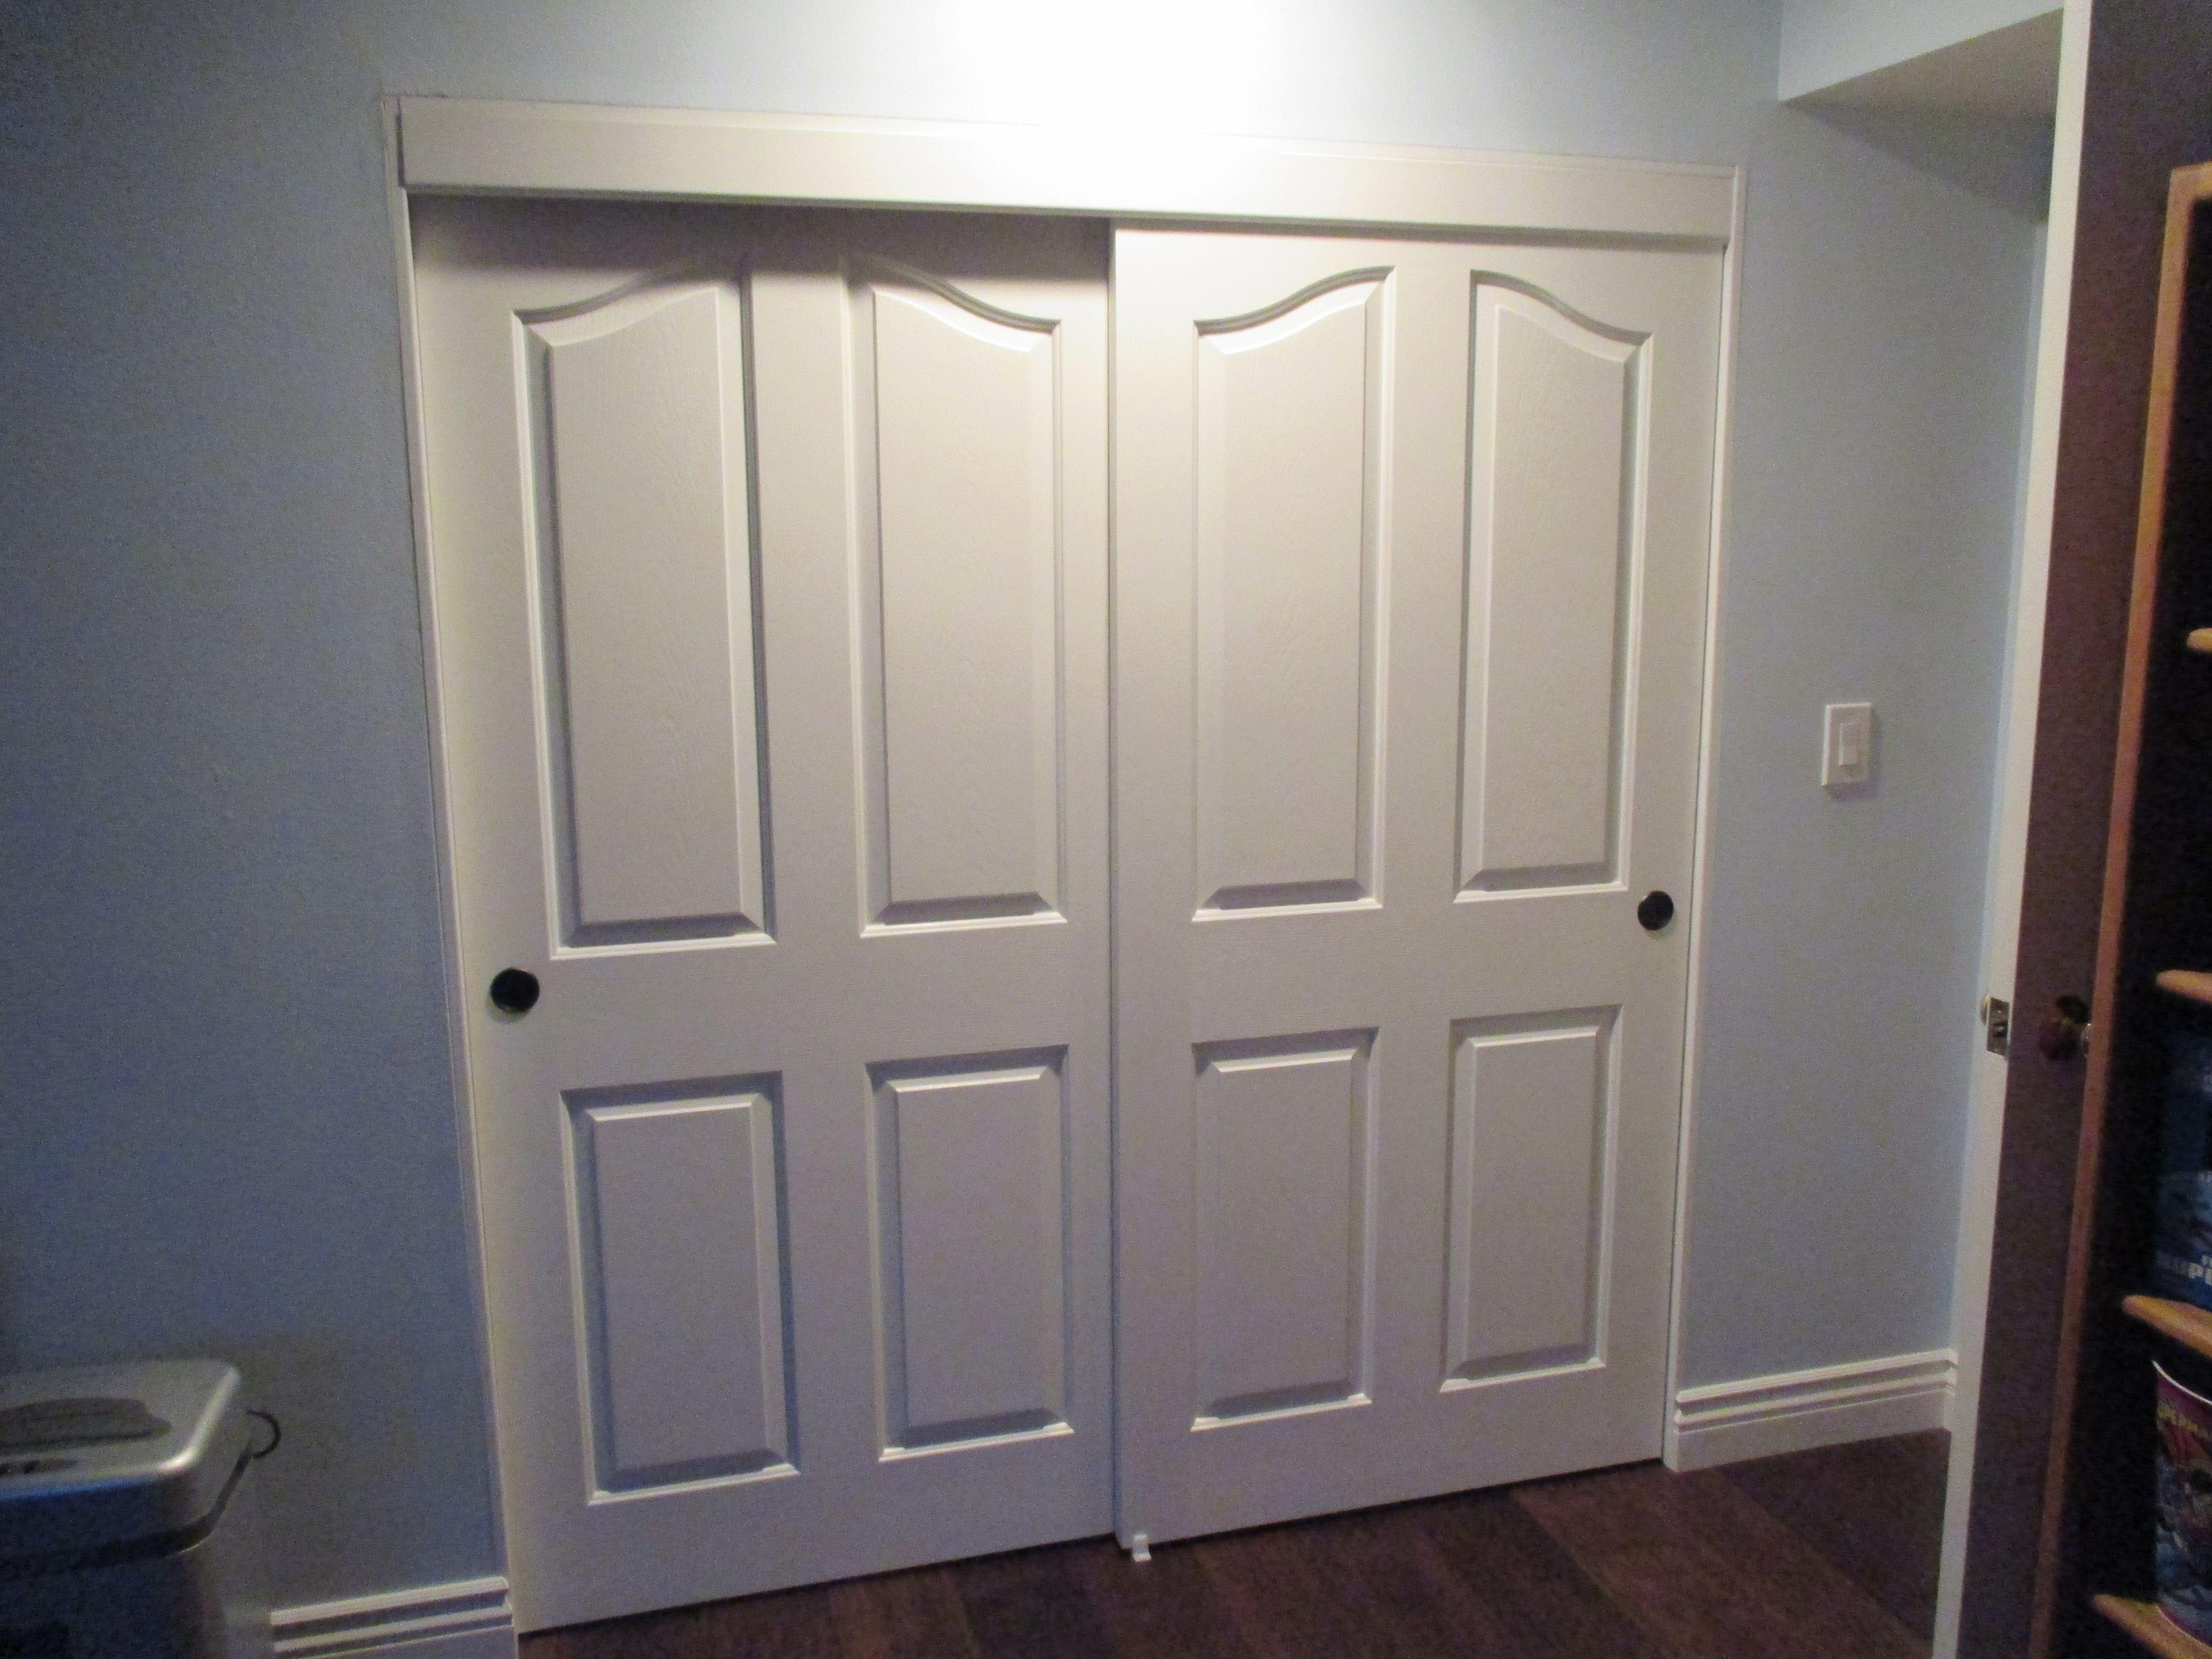 2 Panel 2 Track Top Hung Hollow Core Bypass Closet Doors